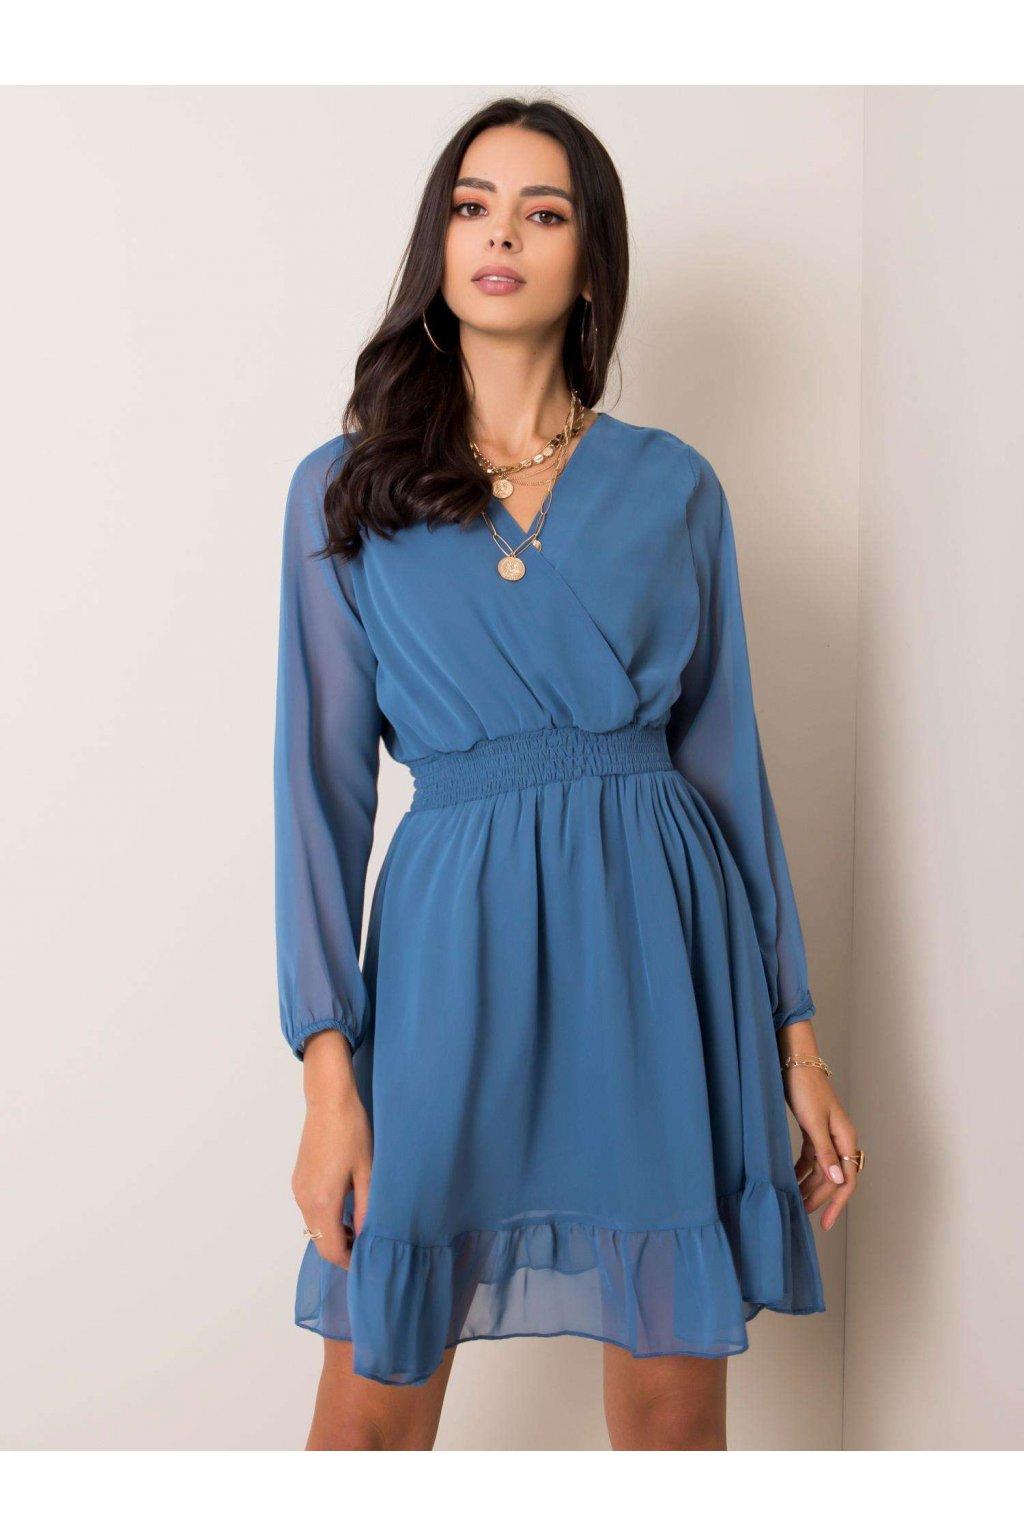 pol pl Niebieska sukienka Giovana RUE PARIS 353280 1